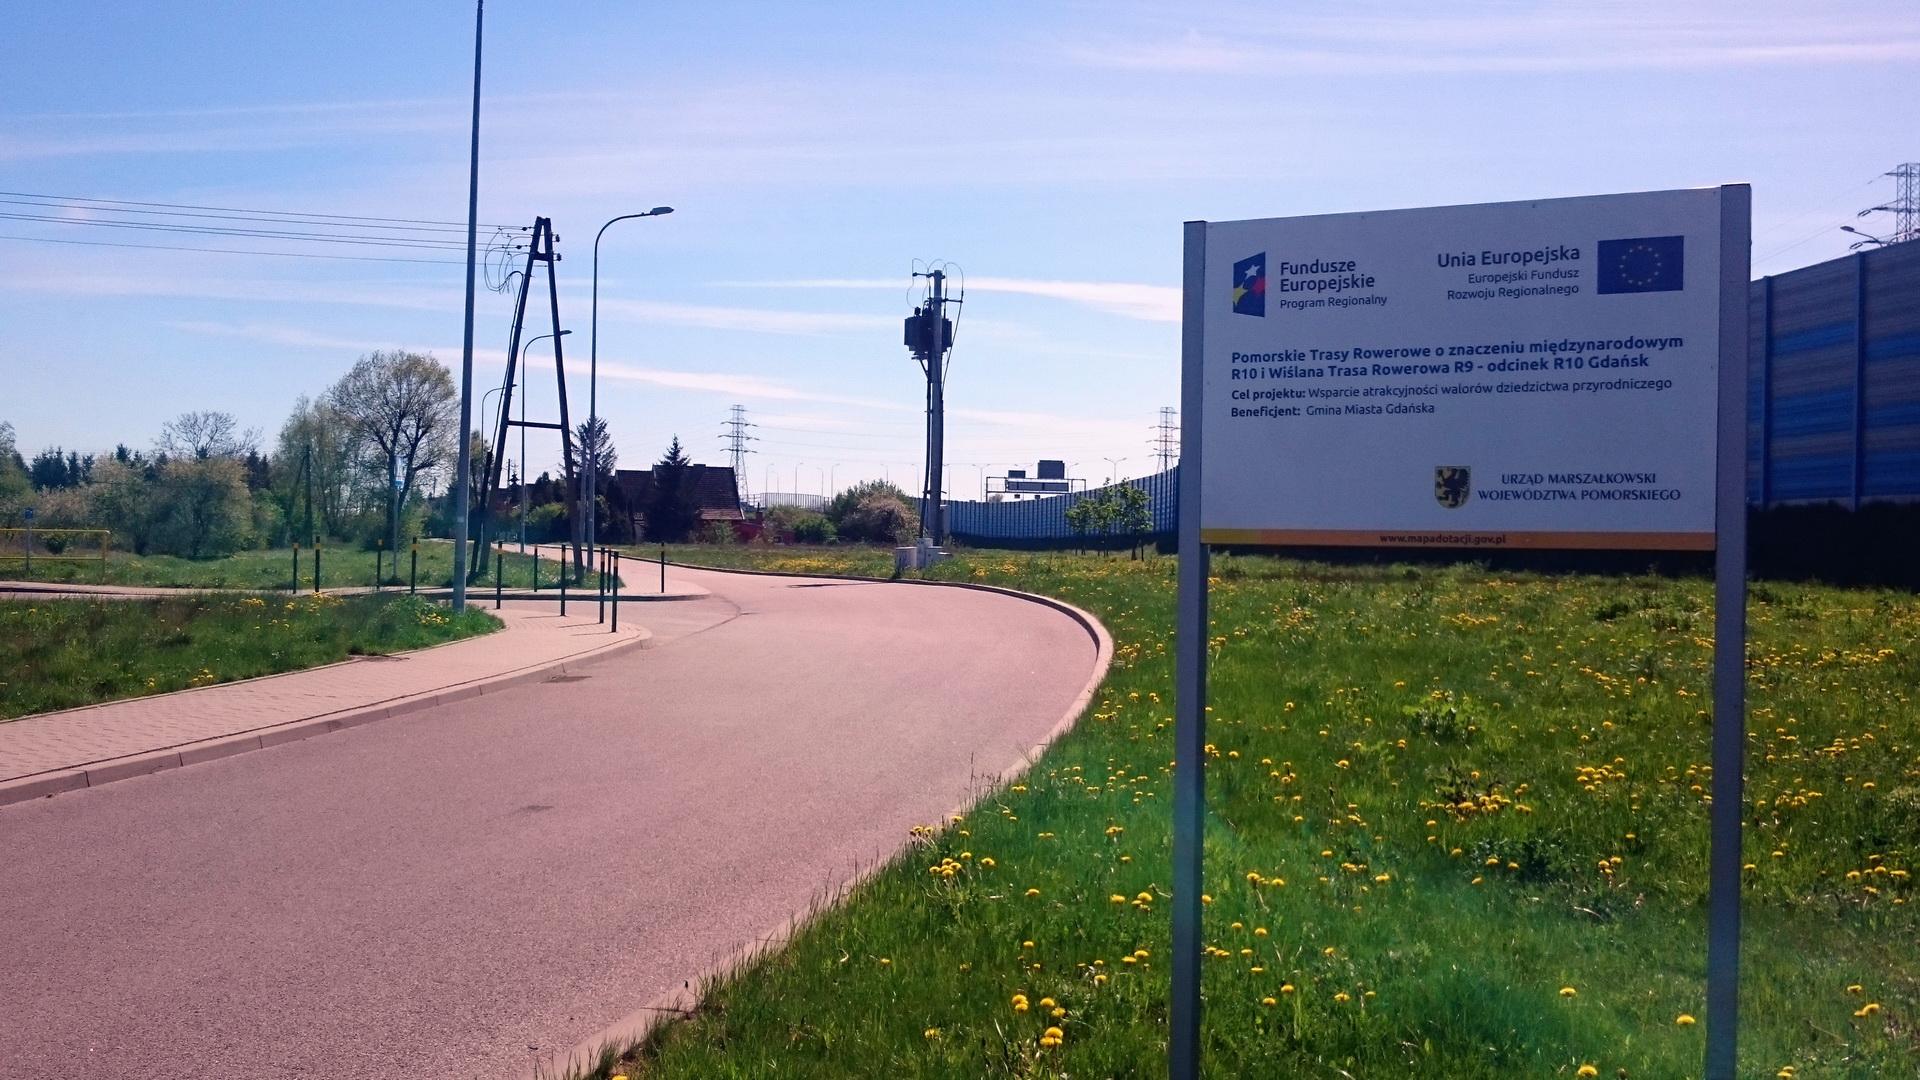 Budowa trasy rowerowej od Węzła Elbląska wzdłuż ulic Miałki Szlak, Sitowie do granicy Miasta Gdańska na półmetku